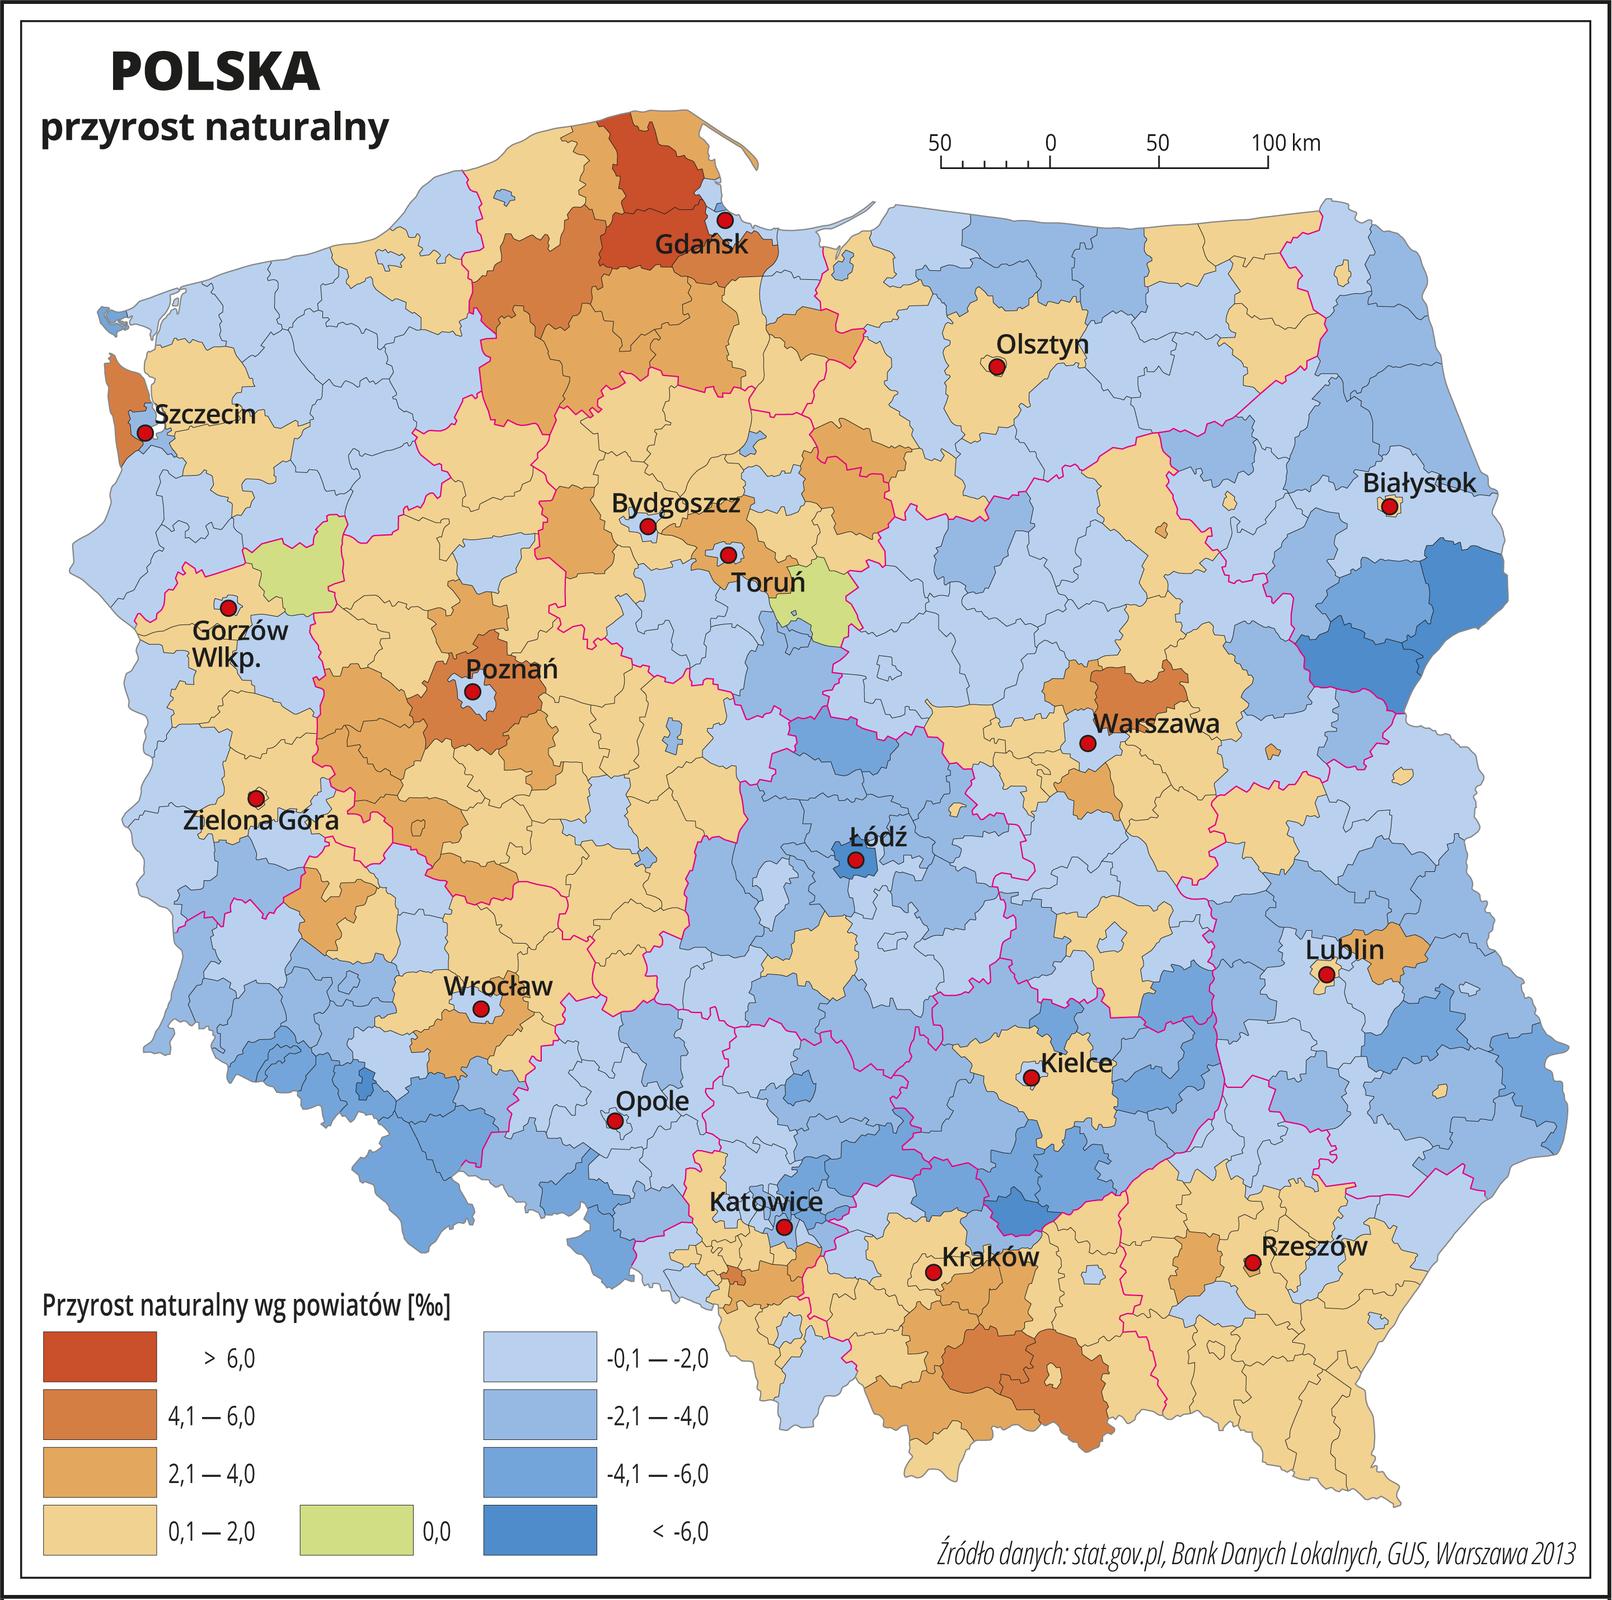 Ilustracja przedstawia mapę Polski zpodziałem na województwa ipowiaty. Na mapie przedstawiono przyrost naturalny. Granice województw zaznaczone są czerwoną linią. Granice powiatów zaznaczone są czarną linią. Odcieniami koloru pomarańczowego przedstawiono powiaty, wktórych przyrost naturalny jest dodatni (województwo pomorskie, wielkopolskie, podkarpackie, małopolskie, centralna część województwa mazowieckiego ipołudniowa część województwa śląskiego), aodcieniami koloru niebieskiego – ujemny (pozostałe województwa). Kolorem zielonym oznaczono powiaty, wktórych przyrost naturalny jest równy zero (dwa powiaty – jeden wwojewództwie kujawsko-pomorskim, drugi wwojewództwie lubuskim). Czerwonymi kropkami zaznaczono miasta wojewódzkie. Po lewej stronie mapy na dole wlegendzie umieszczono kolorowe prostokąty iopisano wielkość przyrostu naturalnego wpromilach. Czterema odcieniami koloru pomarańczowego przedstawiono powiaty, wktórych przyrost naturalny jest dodatni (do dwóch , dwa do czterech, cztery do sześciu ipowyżej sześciu promili), aczterema odcieniami koloru niebieskiego – ujemny (do dwóch , dwa do czterech, cztery do sześciu ipowyżej sześciu promili). Kolorem zielonym oznaczono powiaty, wktórych przyrost naturalny jest równy zero.